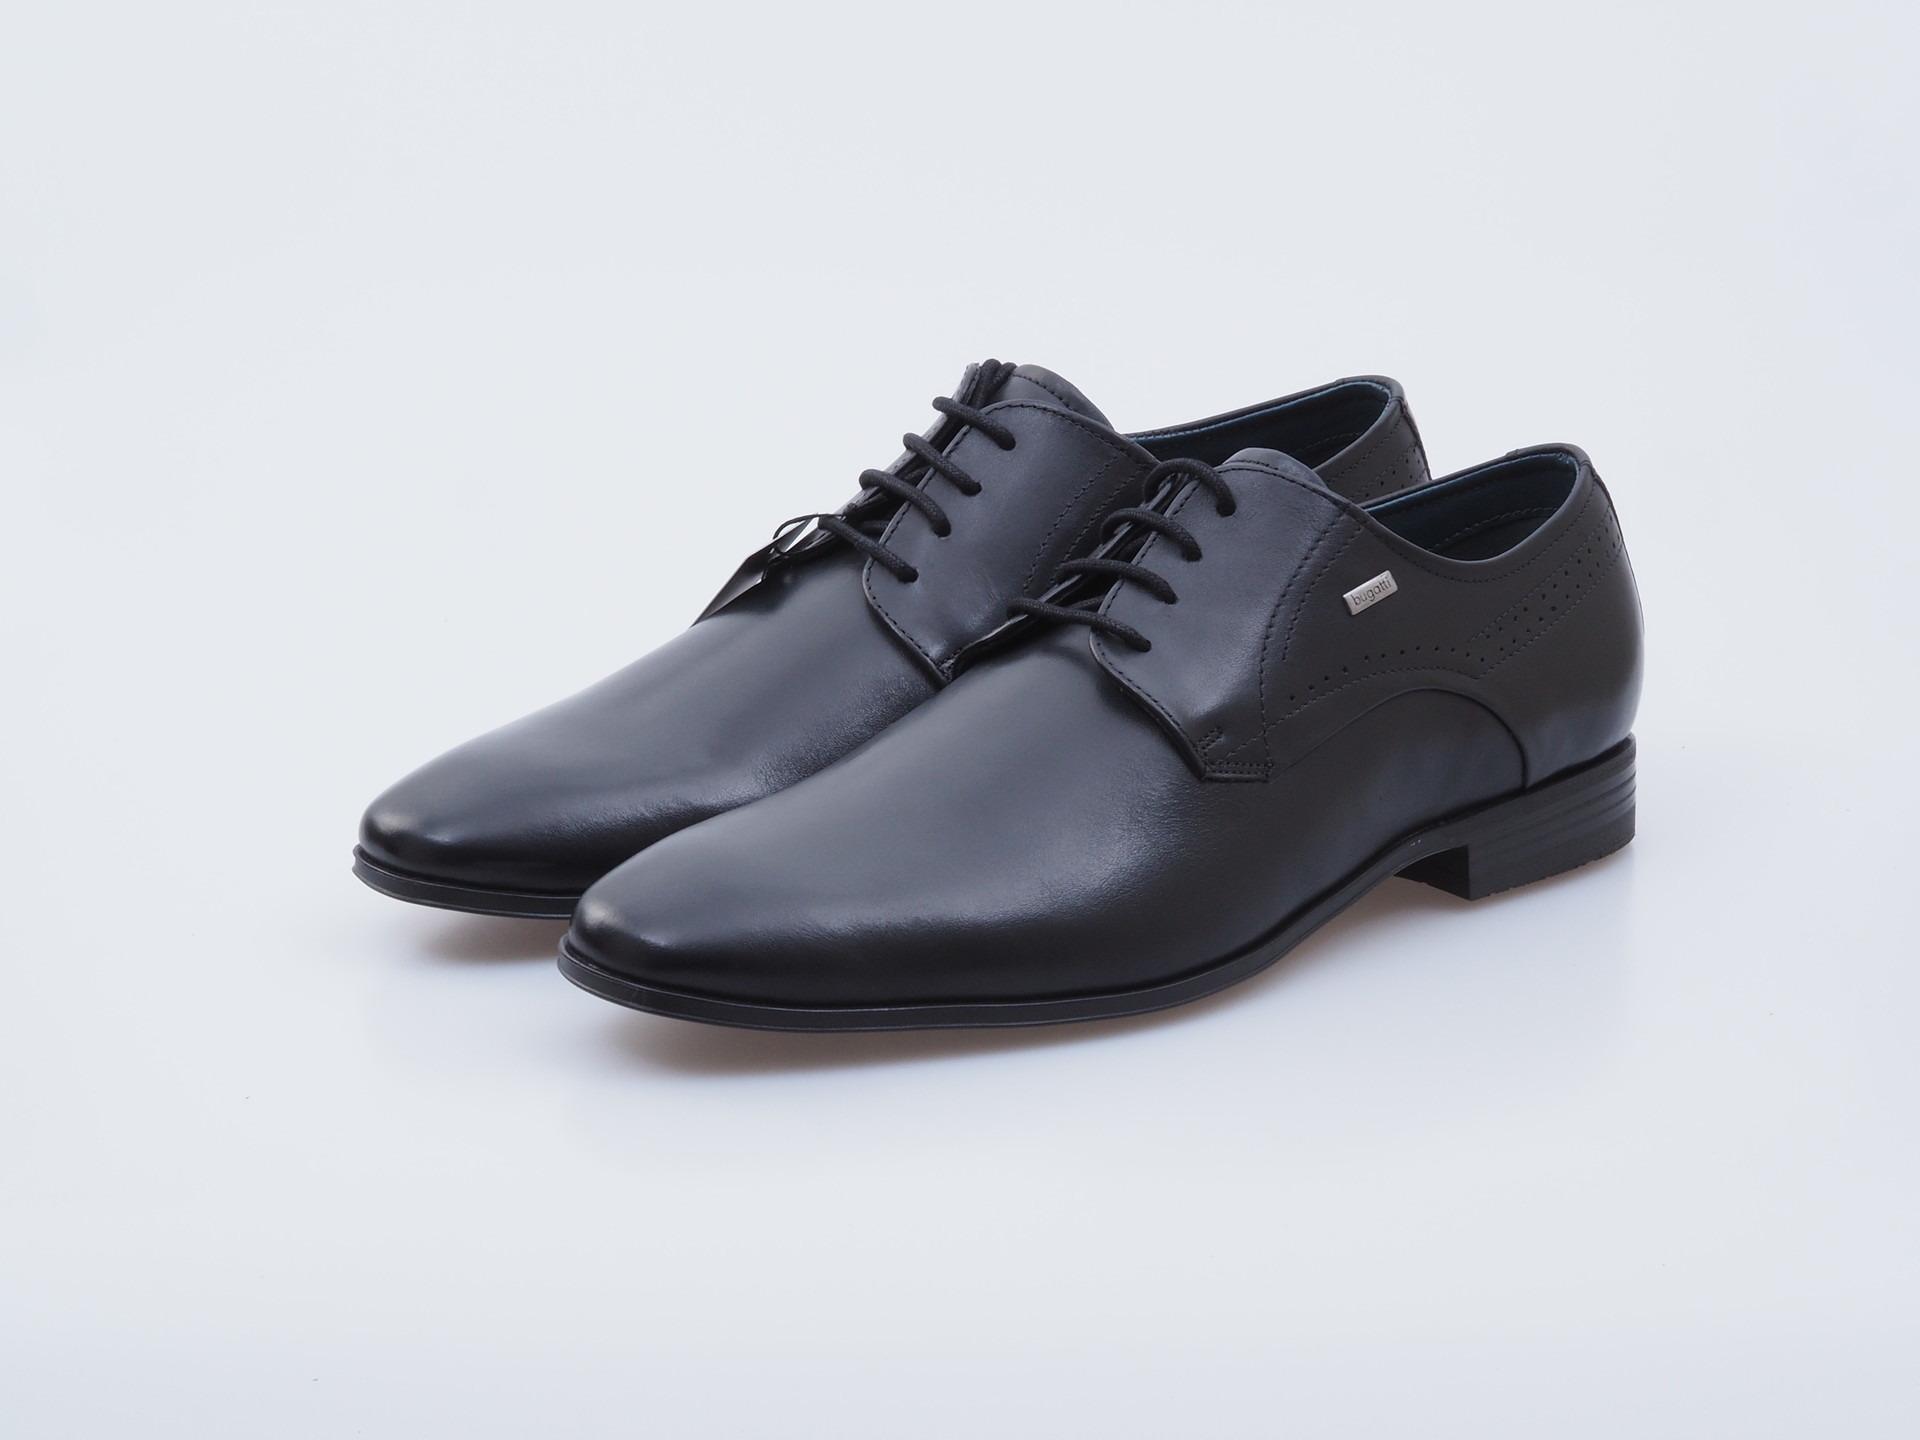 ae9de784d12 Soňa - Pánska obuv - Poltopánky - Čierne kožené topánky na ...